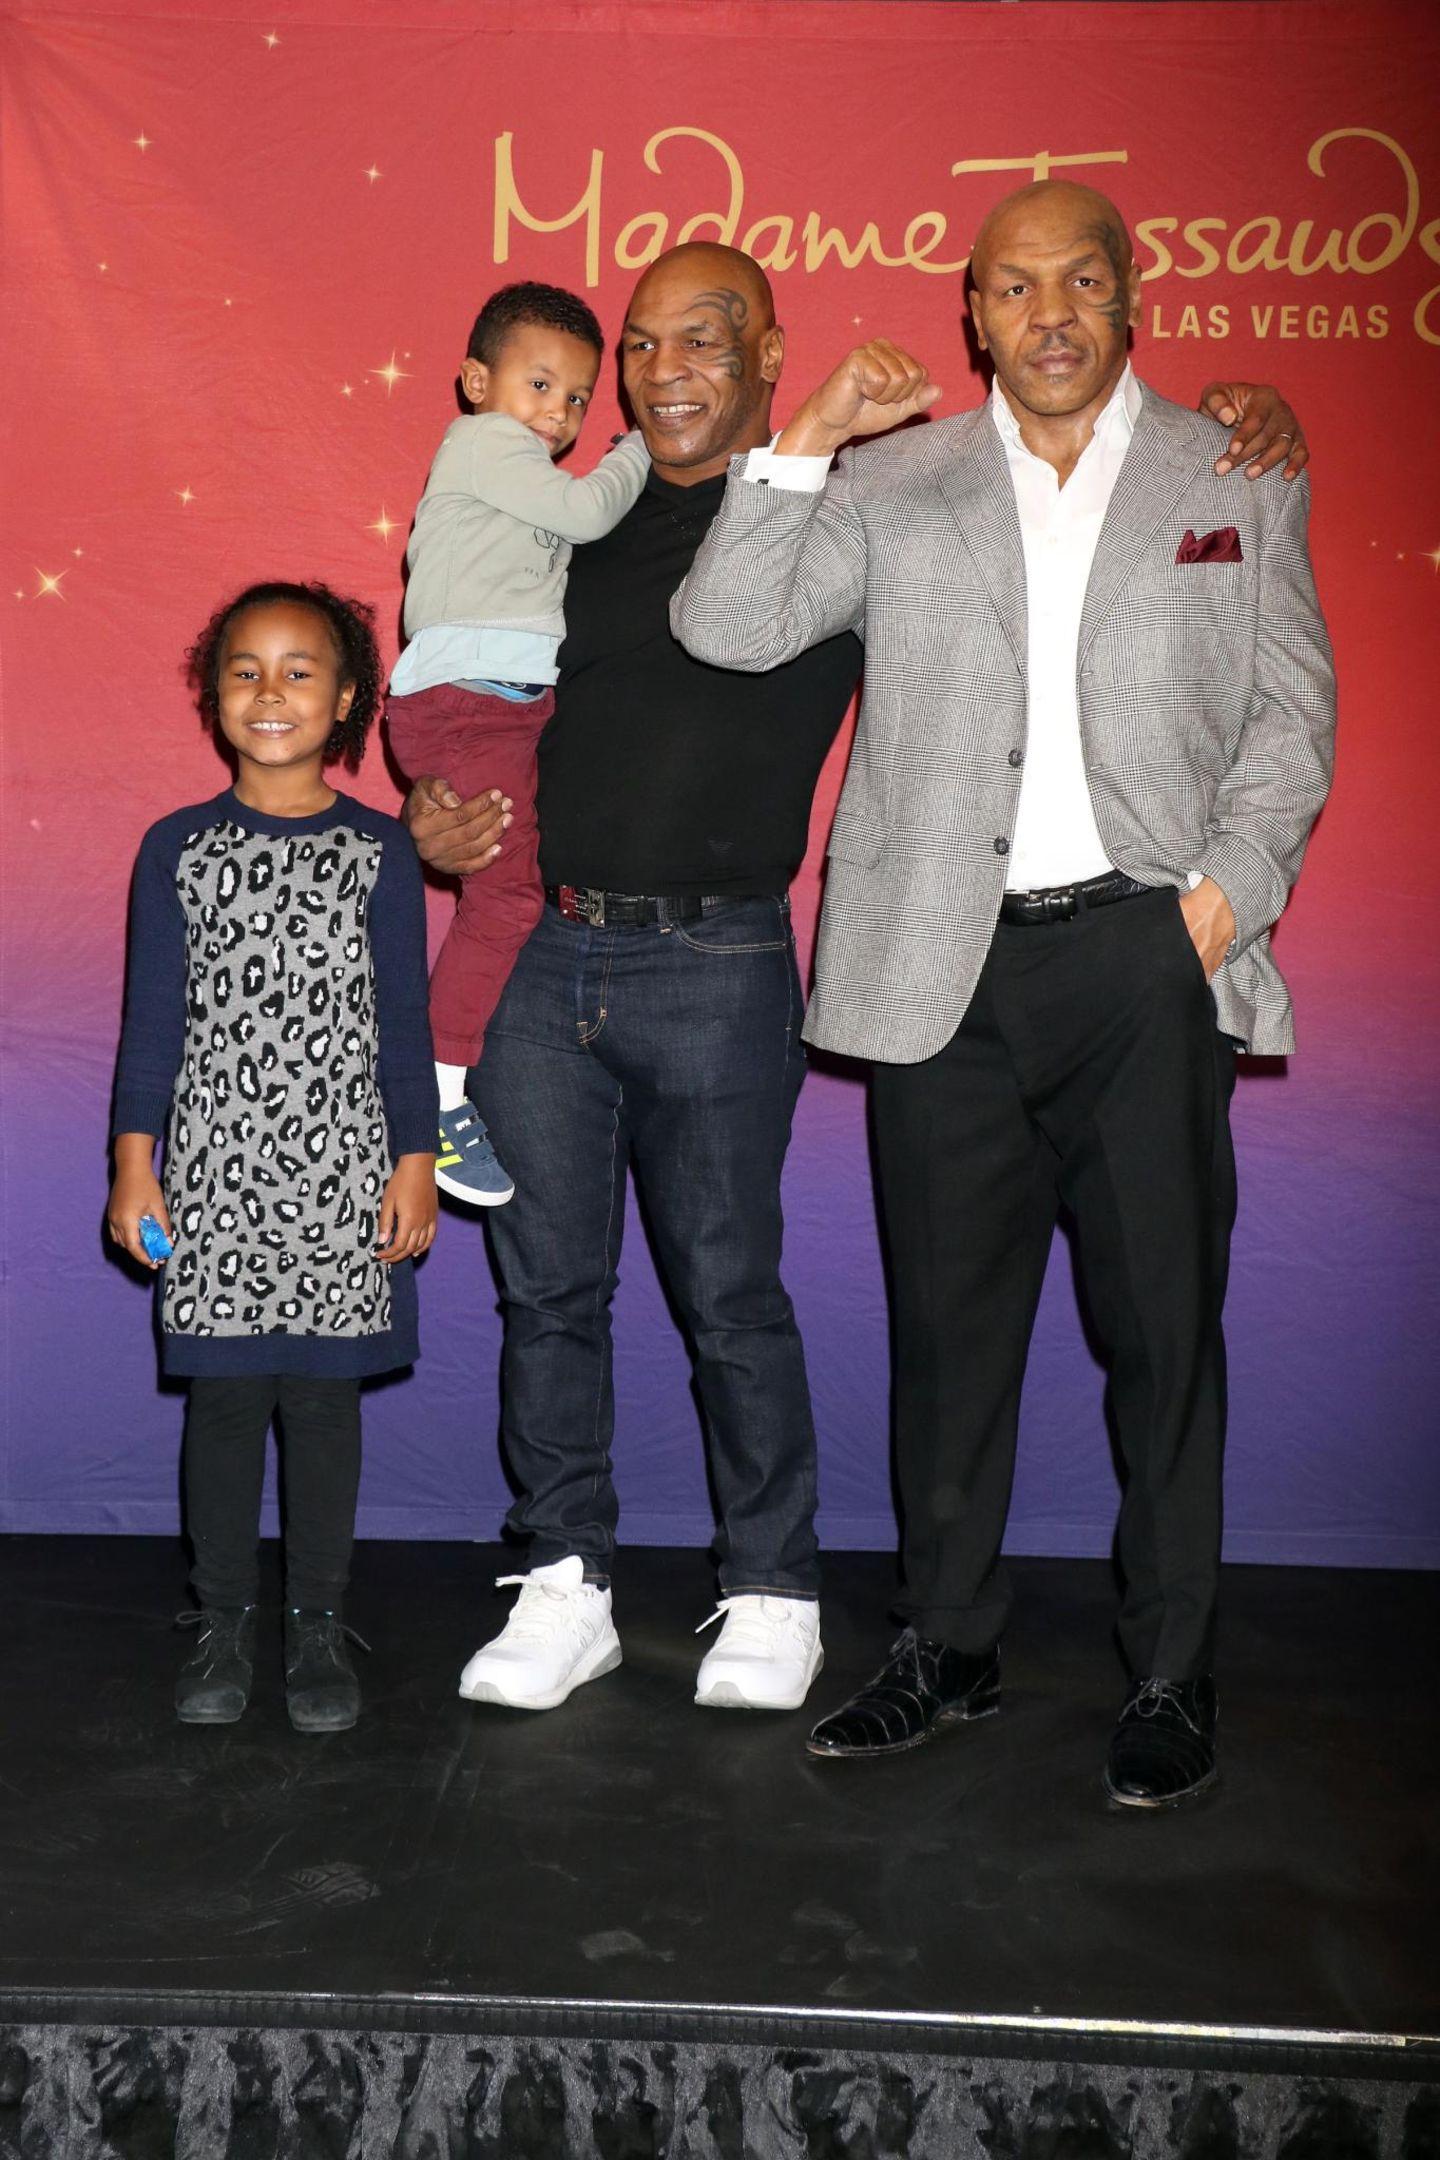 Bei Madame Tussauds in Las Vegas freut sich der ehemalige Schwergewichtsboxer Mike Tyson über seine erste Wachsfigur. Seinem Sohn ist das Ganze nicht geheuer - er verkriecht sich lieber auf Papa's Arm.